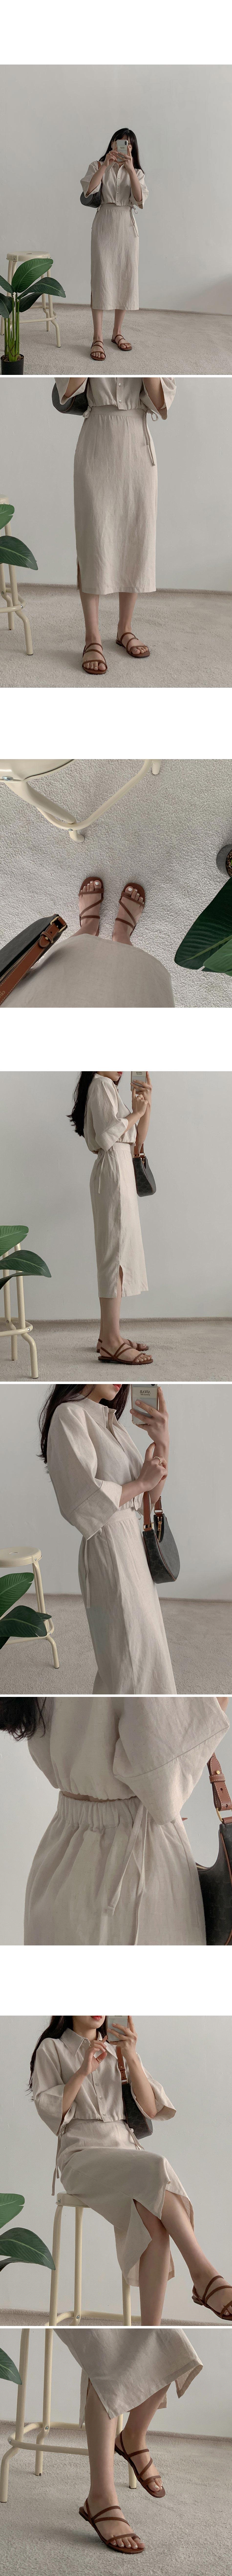 交錯條帶套趾平底涼鞋